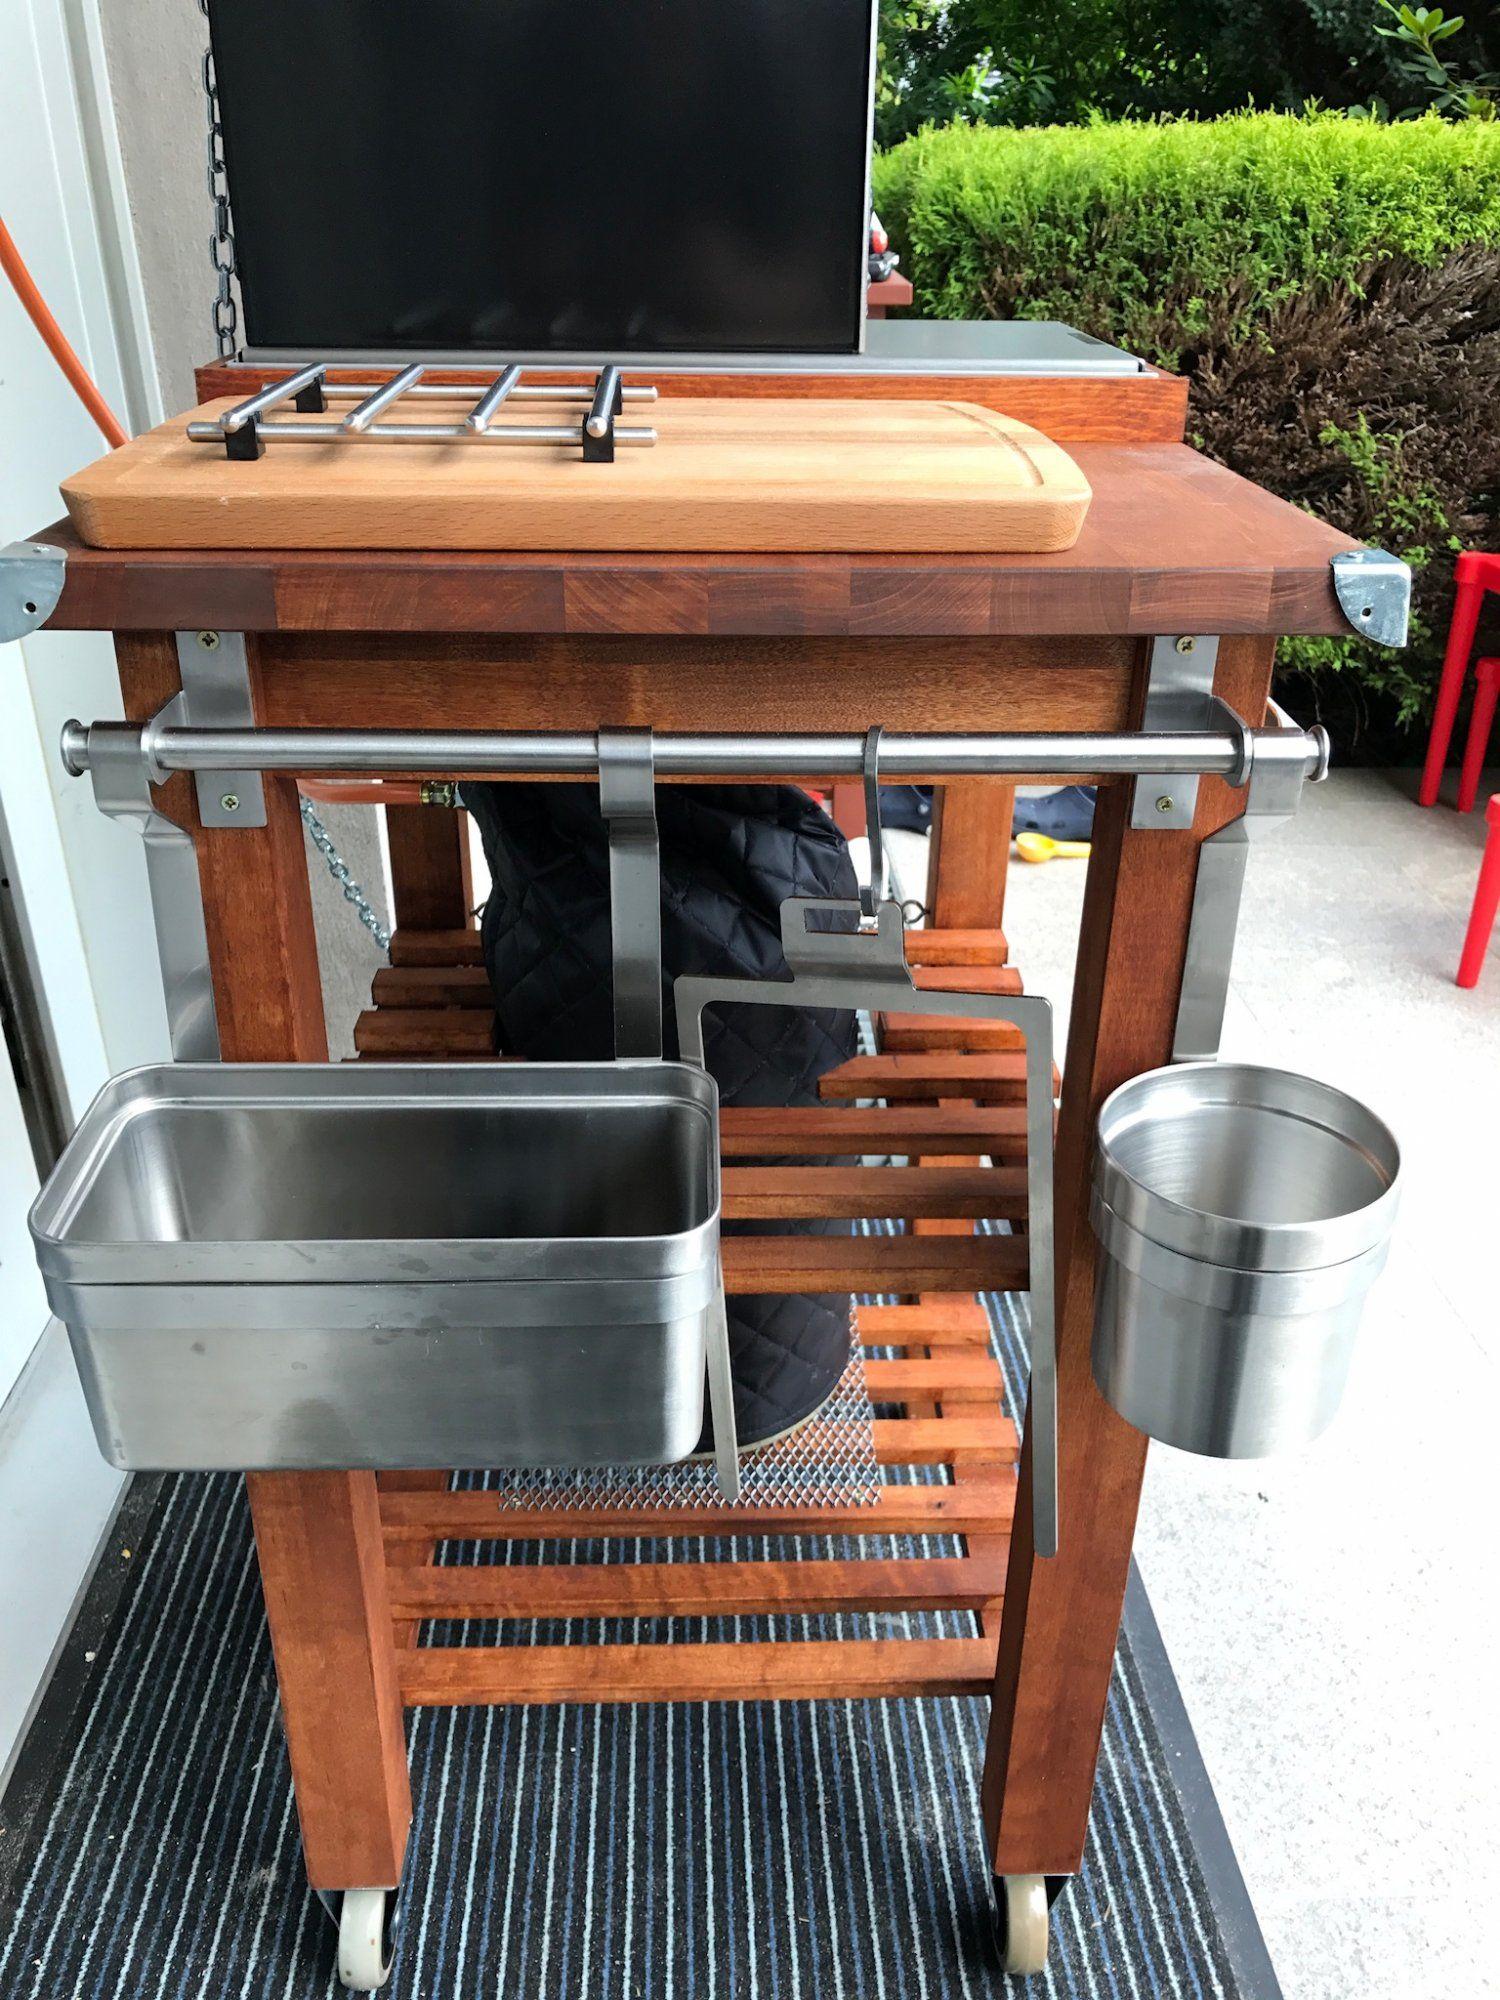 Der Ikea Bekvam Umbau Modding Threadseite 26 Grillforum Und Bbq Www Grillsportverein De Ikea Outdoor Grilltisch Kochen Im Freien